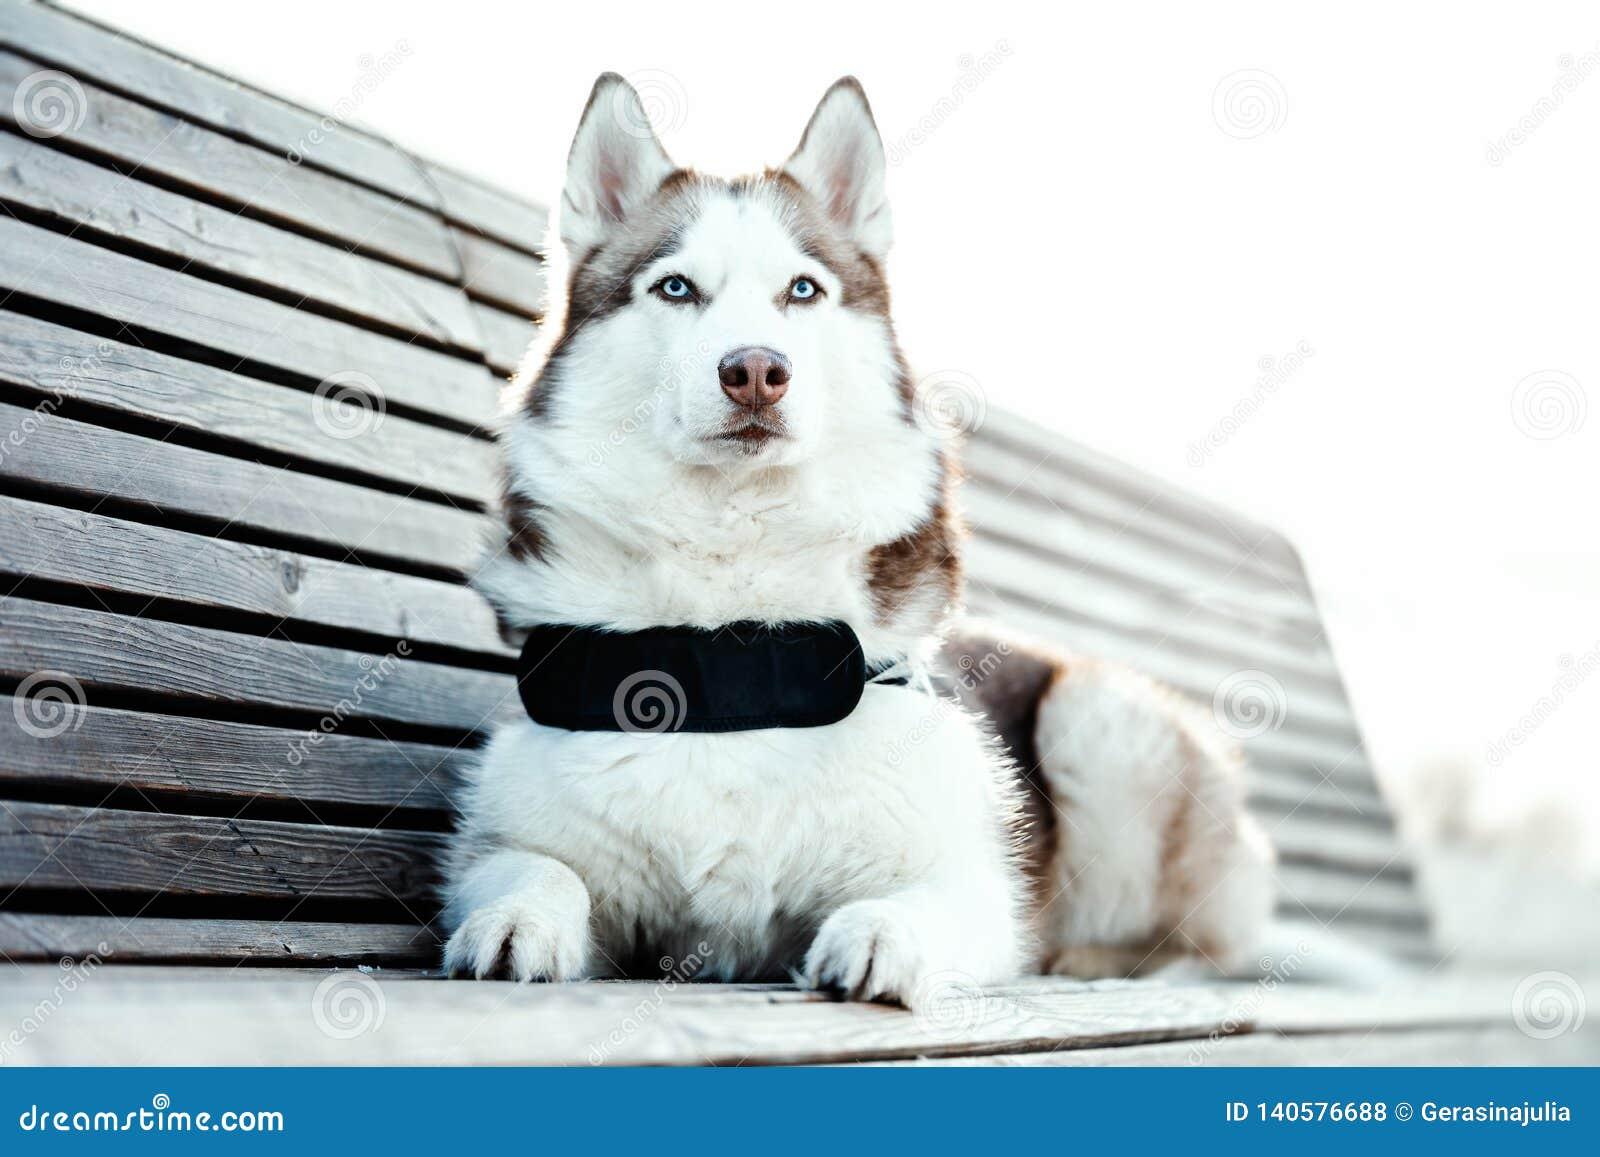 Πορτρέτο του μπλε eyed όμορφου σιβηρικού γεροδεμένου σκυλιού σε έναν περίπατο